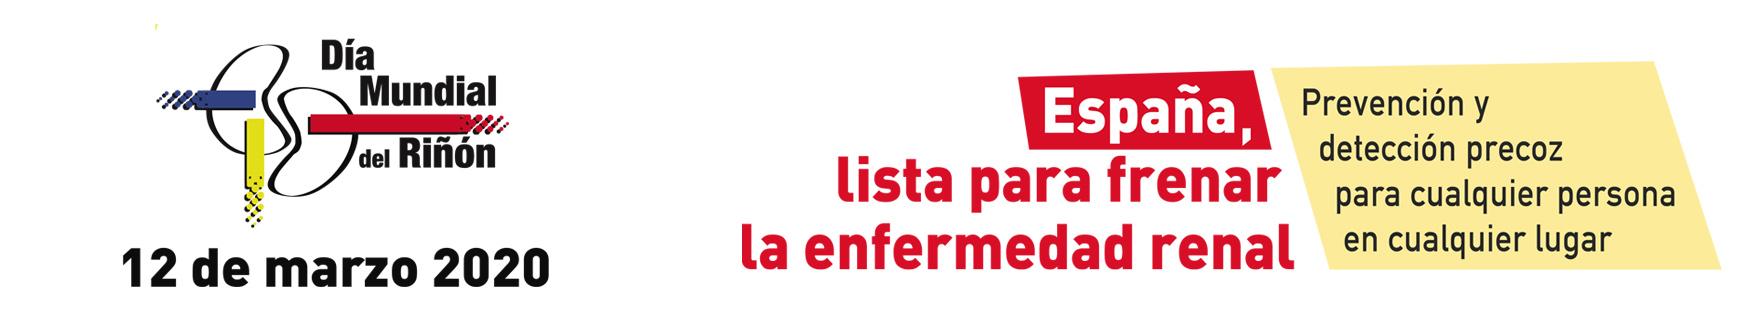 Más de 750.000 catalanes tienen Enfermedad Renal Crónica y más de 11.000 necesitan diálisis o trasplante para sustituir su función renal